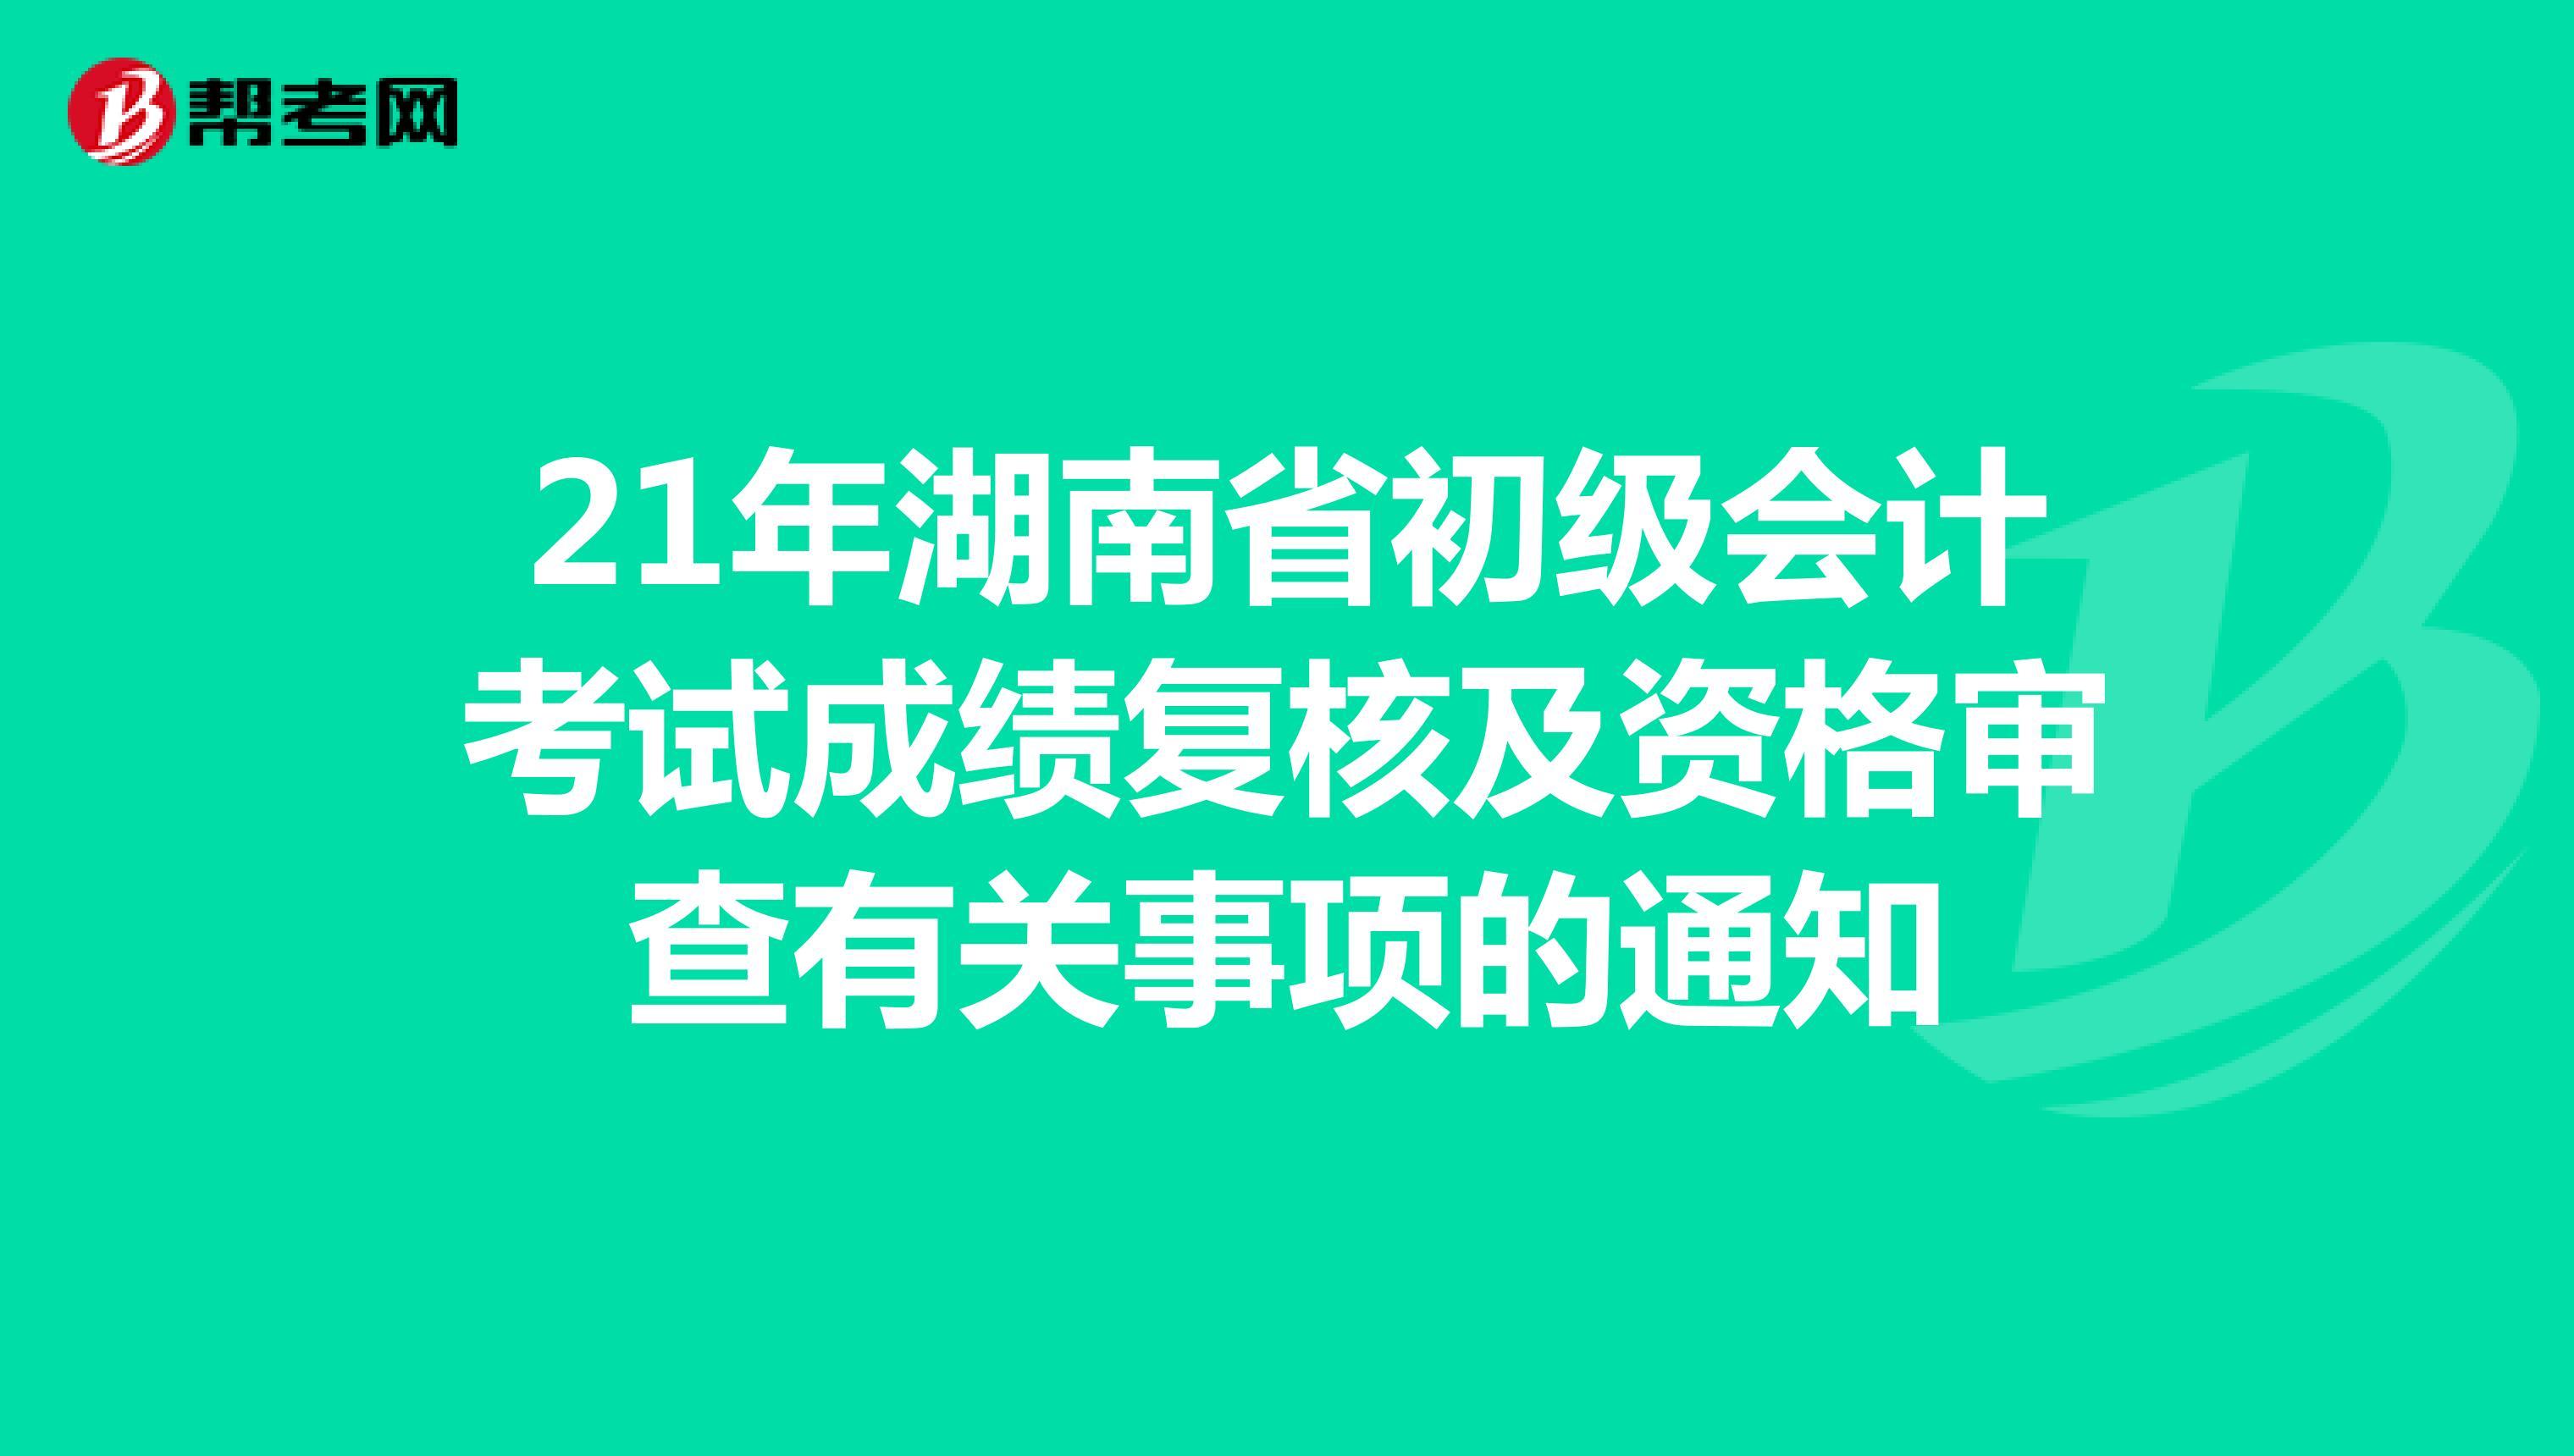 湖南省成绩查询考试资讯